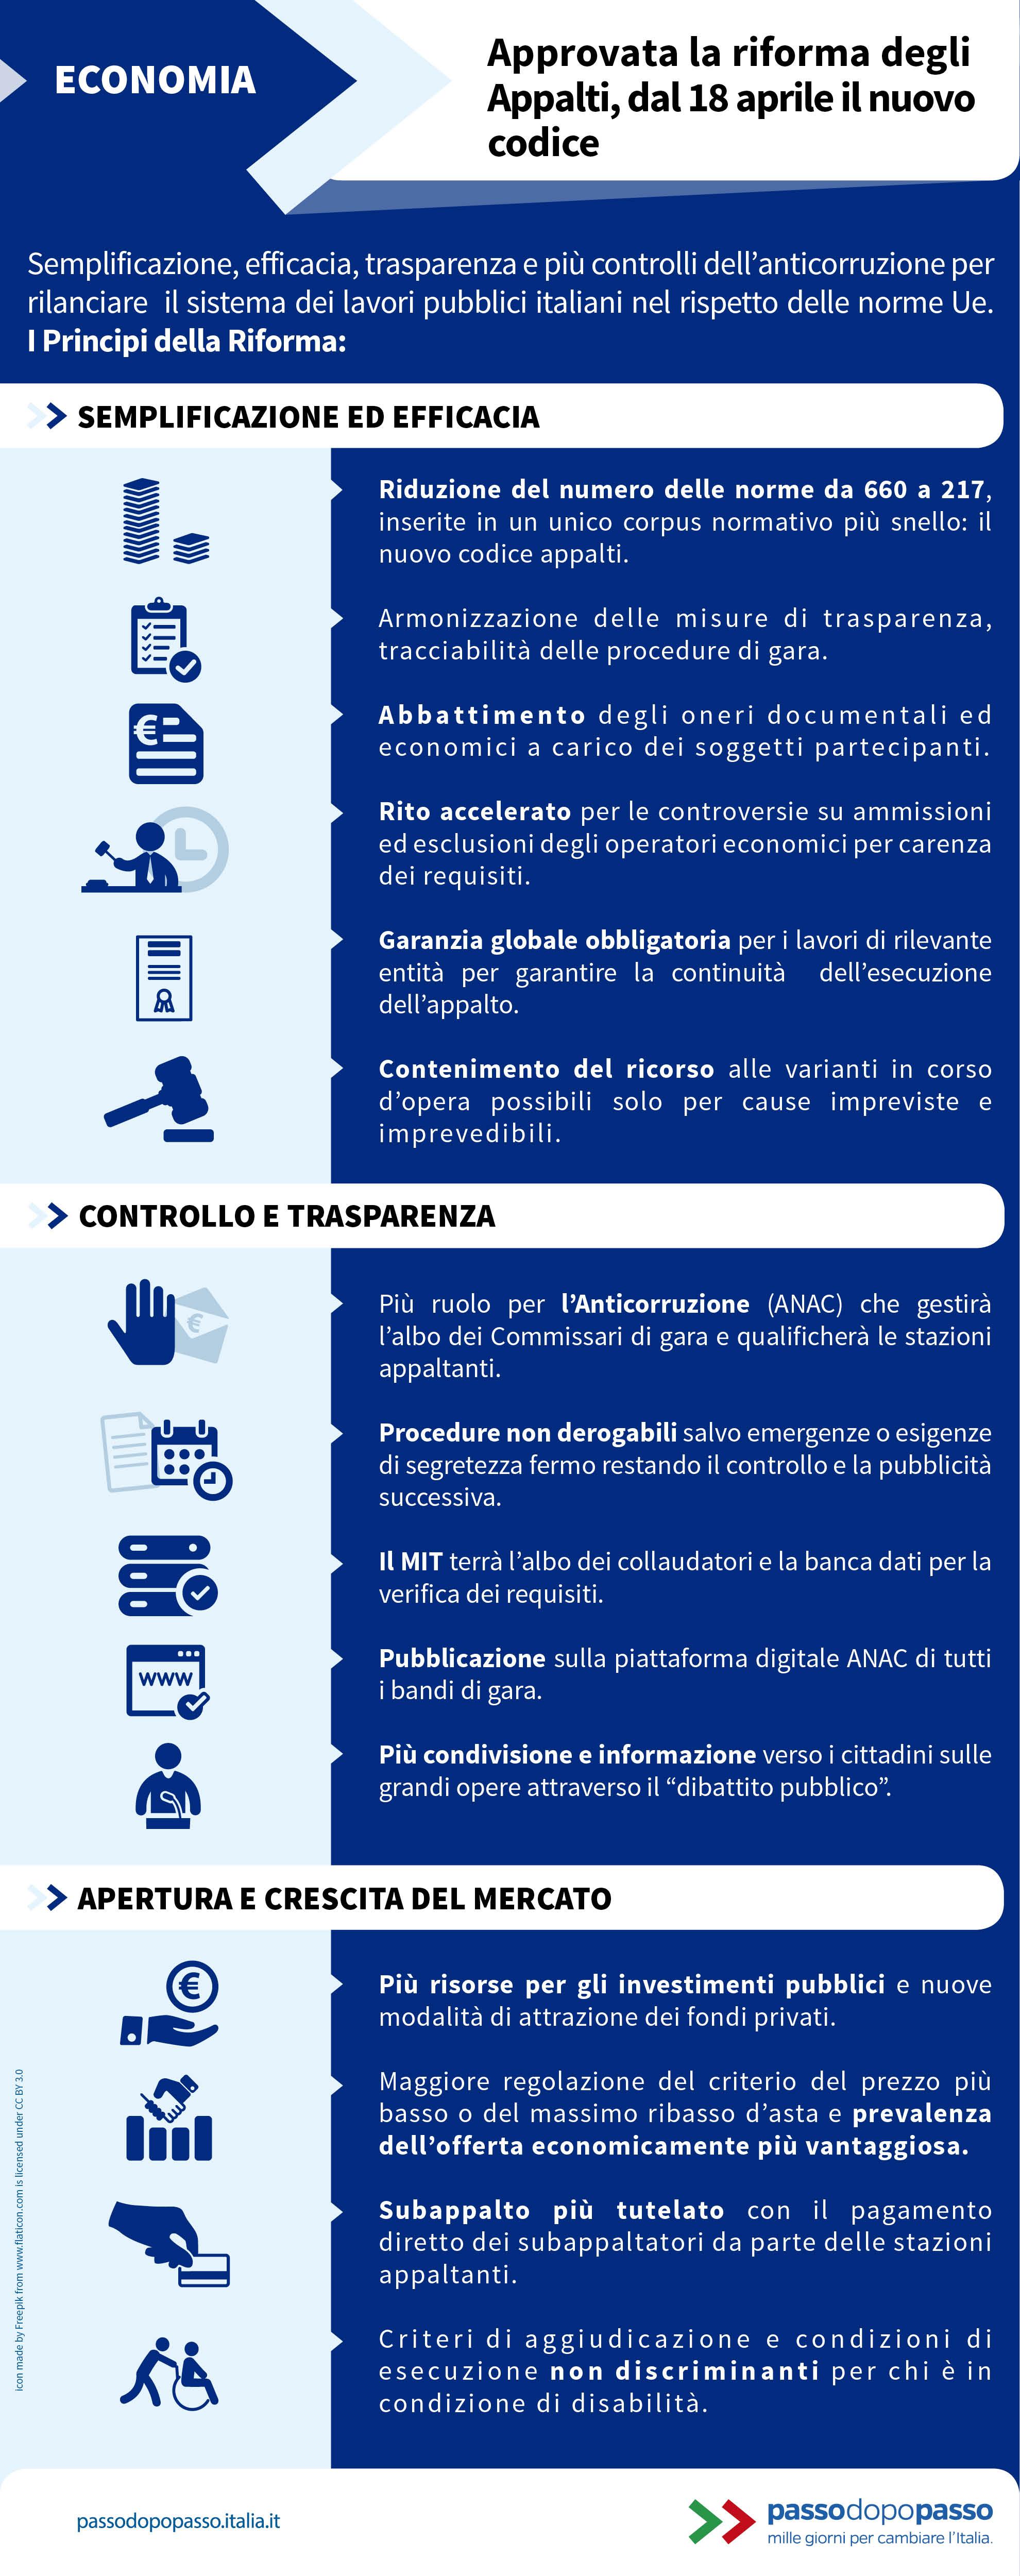 Infografica: Approvata la riforma degli Appalti, dal 18 aprile il nuovo codice